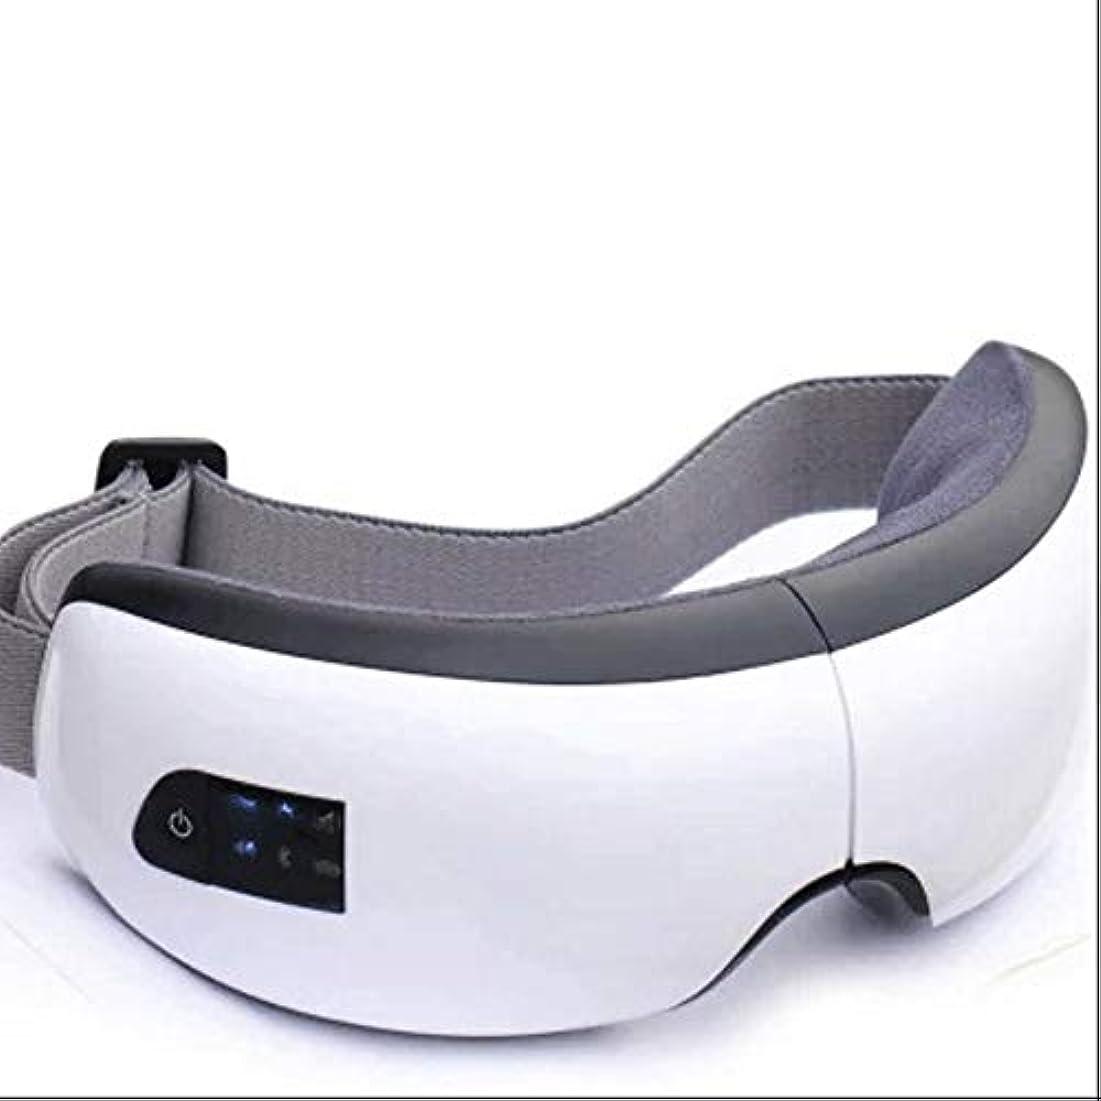 ぼかし死すべき誇張JJYPY 電気目のマッサージャーの振動マッサージの頭部の圧力救助は睡眠を改善します